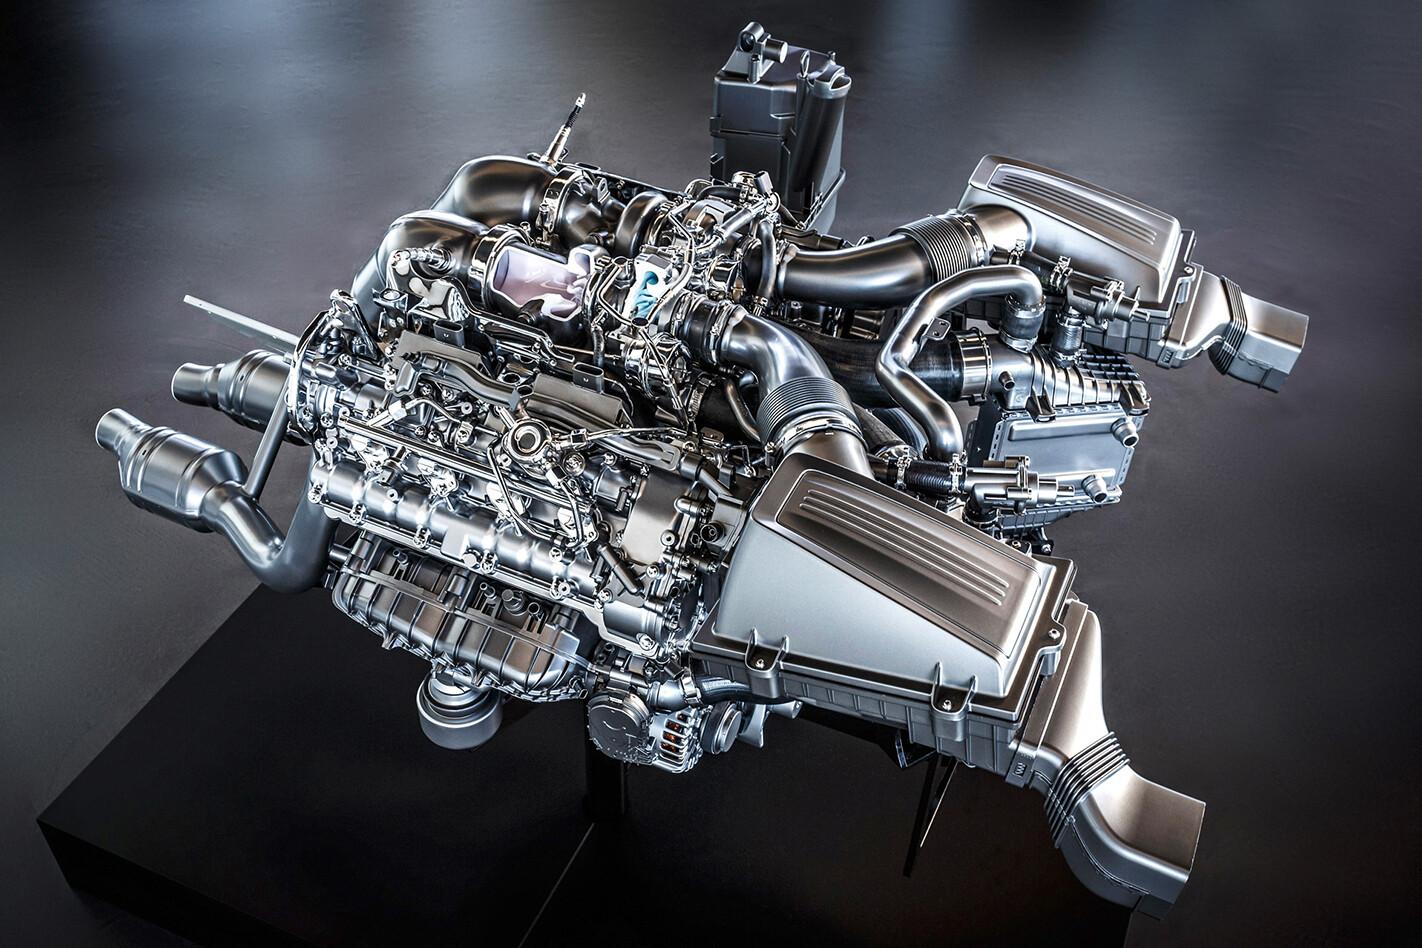 AMG M178 4.0 V8